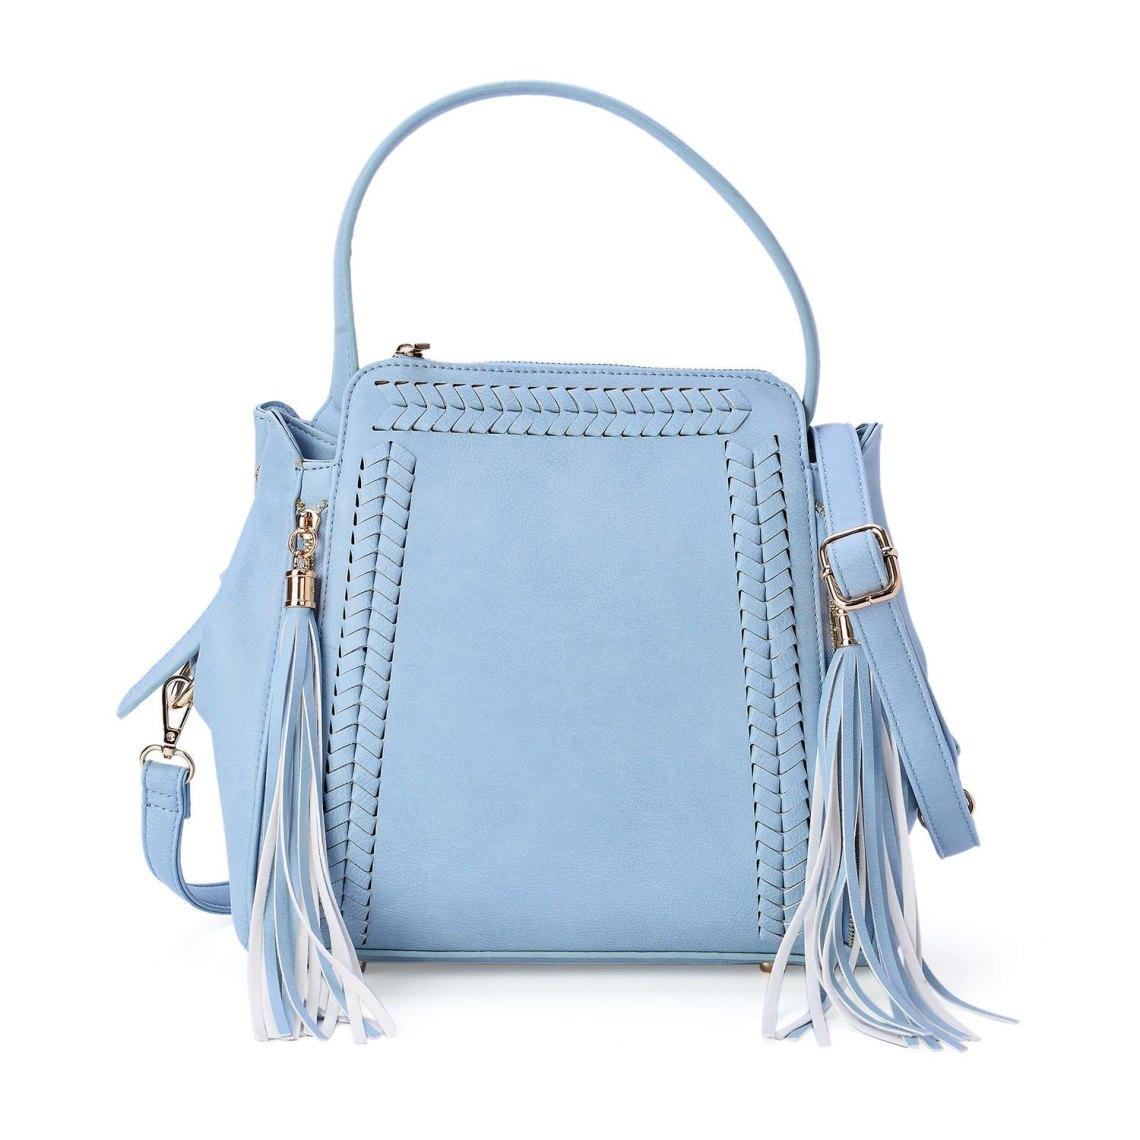 J Francis - Sky Blue Vegan Leather Shoulder Bag